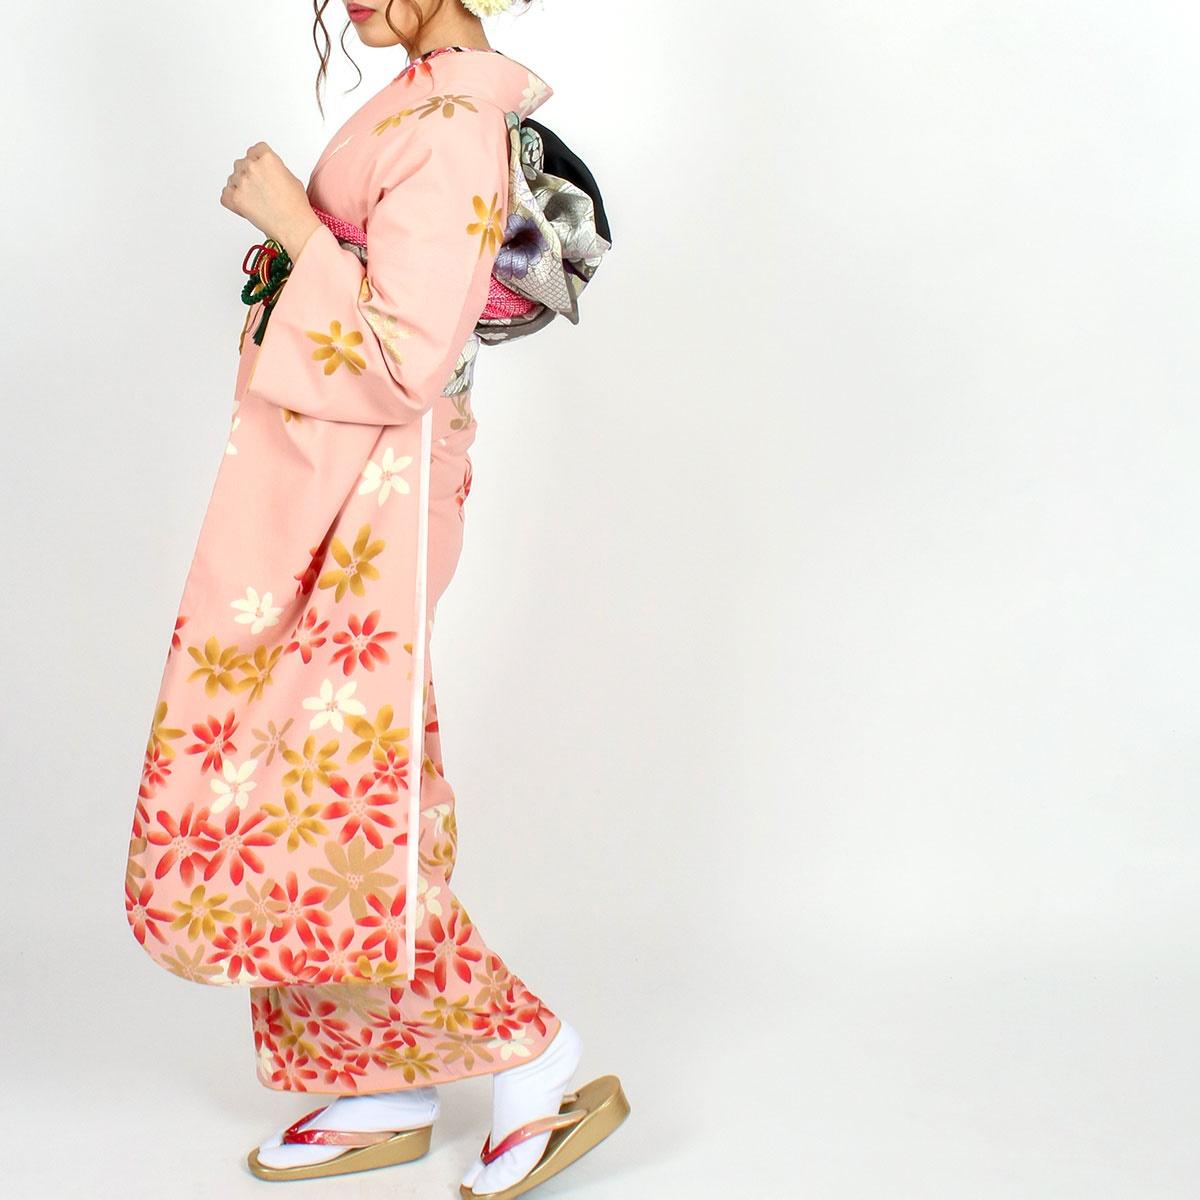 【成人式】 [安心の長期間レンタル]【対応身長150cm〜165cm】【合繊】レンタル振袖フルセット-633|レトロ|花柄|クール系|モダン|ピンク系|ツモリチサト